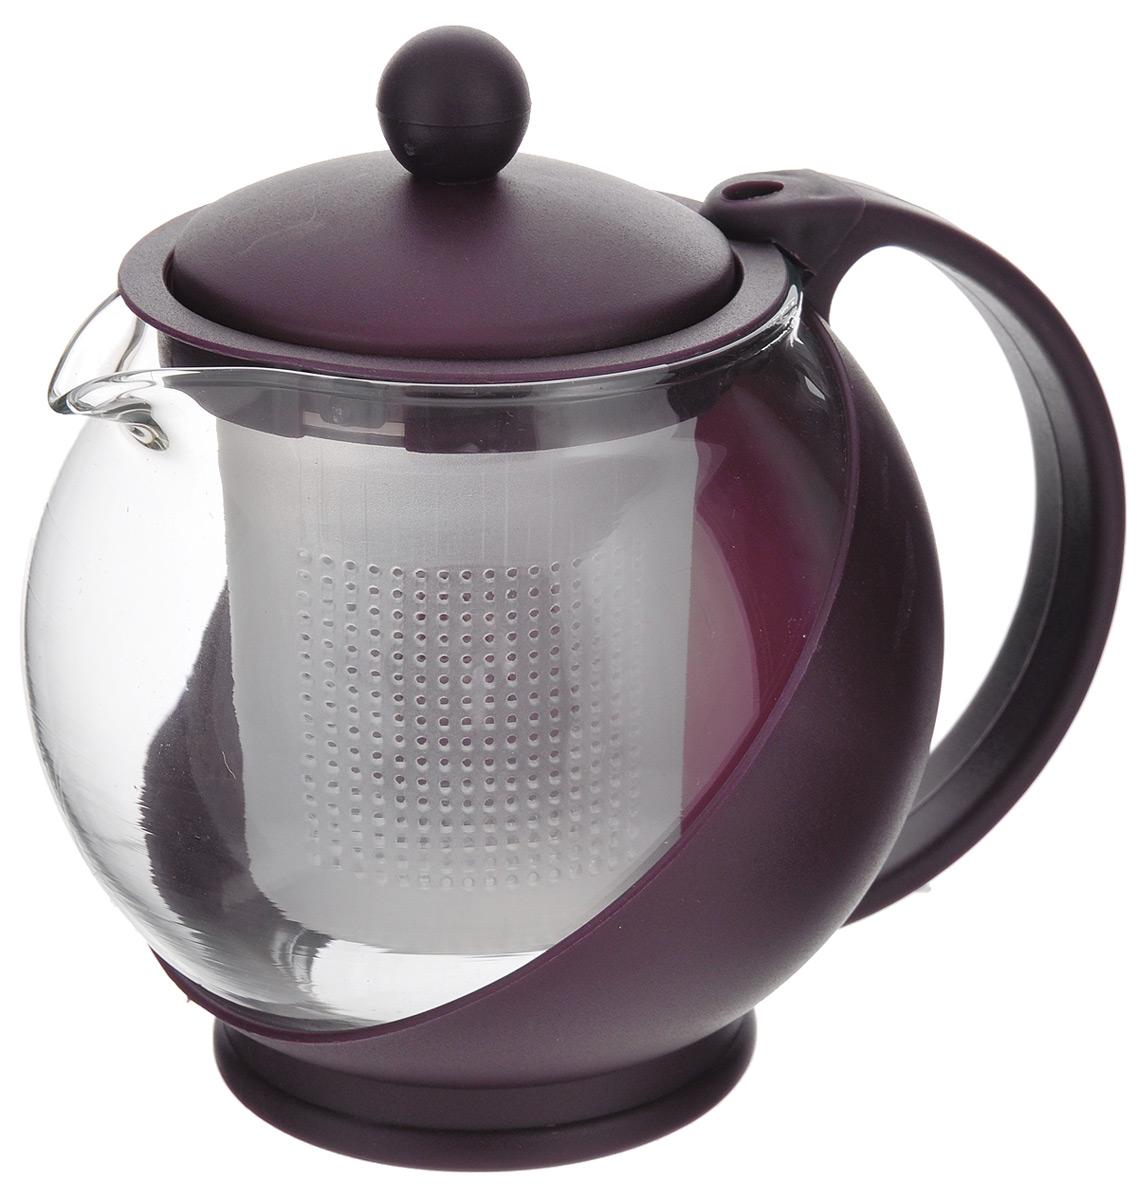 Чайник заварочный Miolla, с фильтром, цвет: вишневый, 500 мл. DHA020P/ADHA020P/AЗаварочный чайник Miolla изготовлен из жаропрочного стекла и термостойкого пластика. Чай в таком чайнике дольше остается горячим, а полезные и ароматические вещества полностью сохраняются в напитке. Чайник оснащен фильтром и крышкой. Простой и удобный чайник поможет вам приготовить крепкий, ароматный чай. Разборная конструкция обеспечивает легкий уход. Можно мыть в посудомоечной машине. Не использовать в микроволновой печи. Диаметр чайника (по верхнему краю): 6,2 см. Высота чайника (без учета крышки): 10 см. Высота фильтра: 7,5 см.